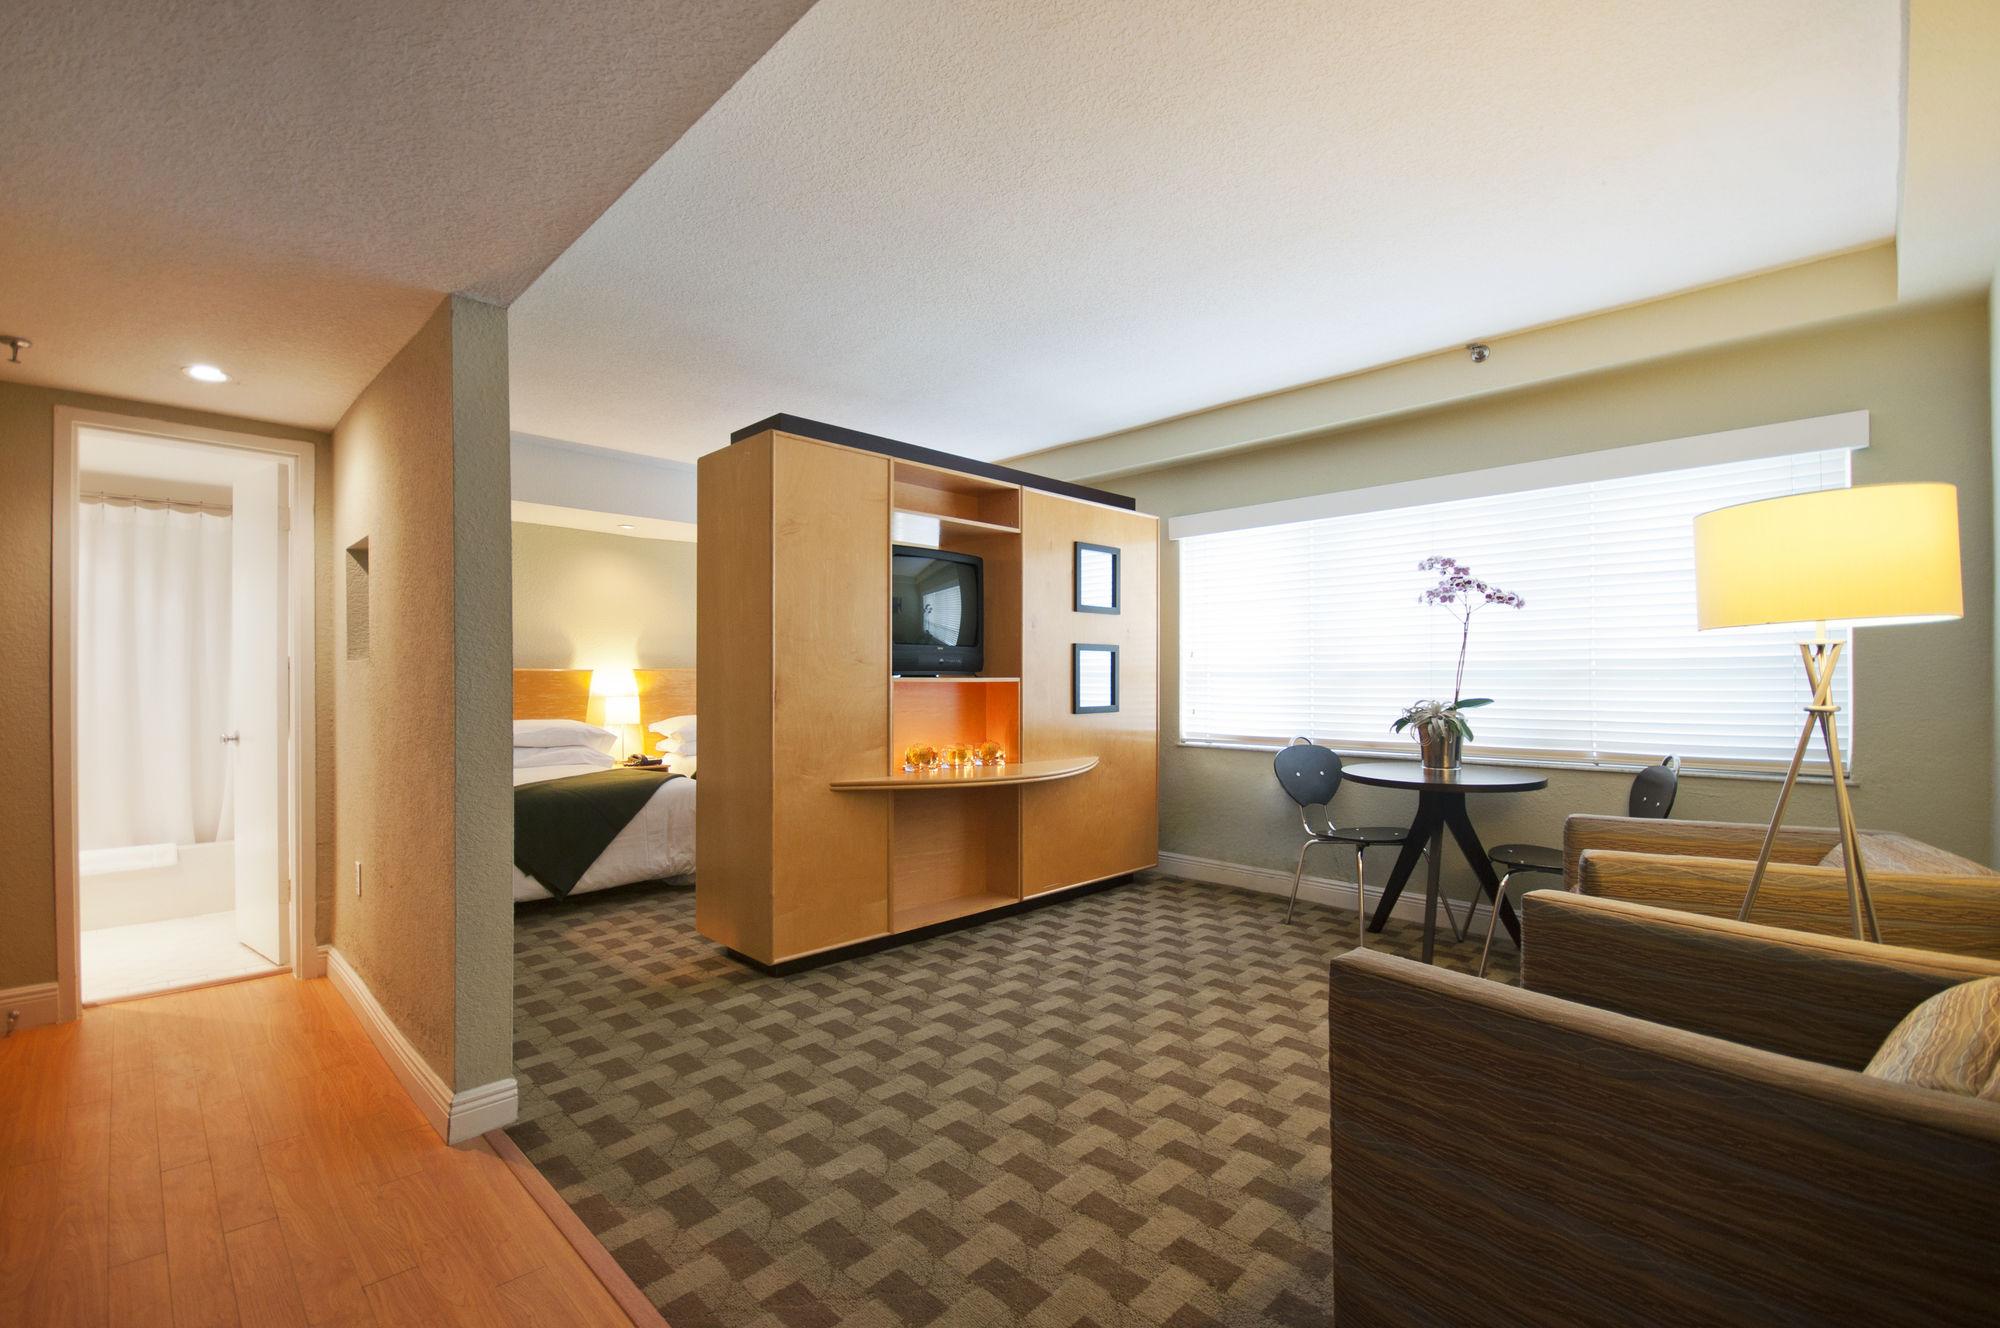 Crest Hotel Suites